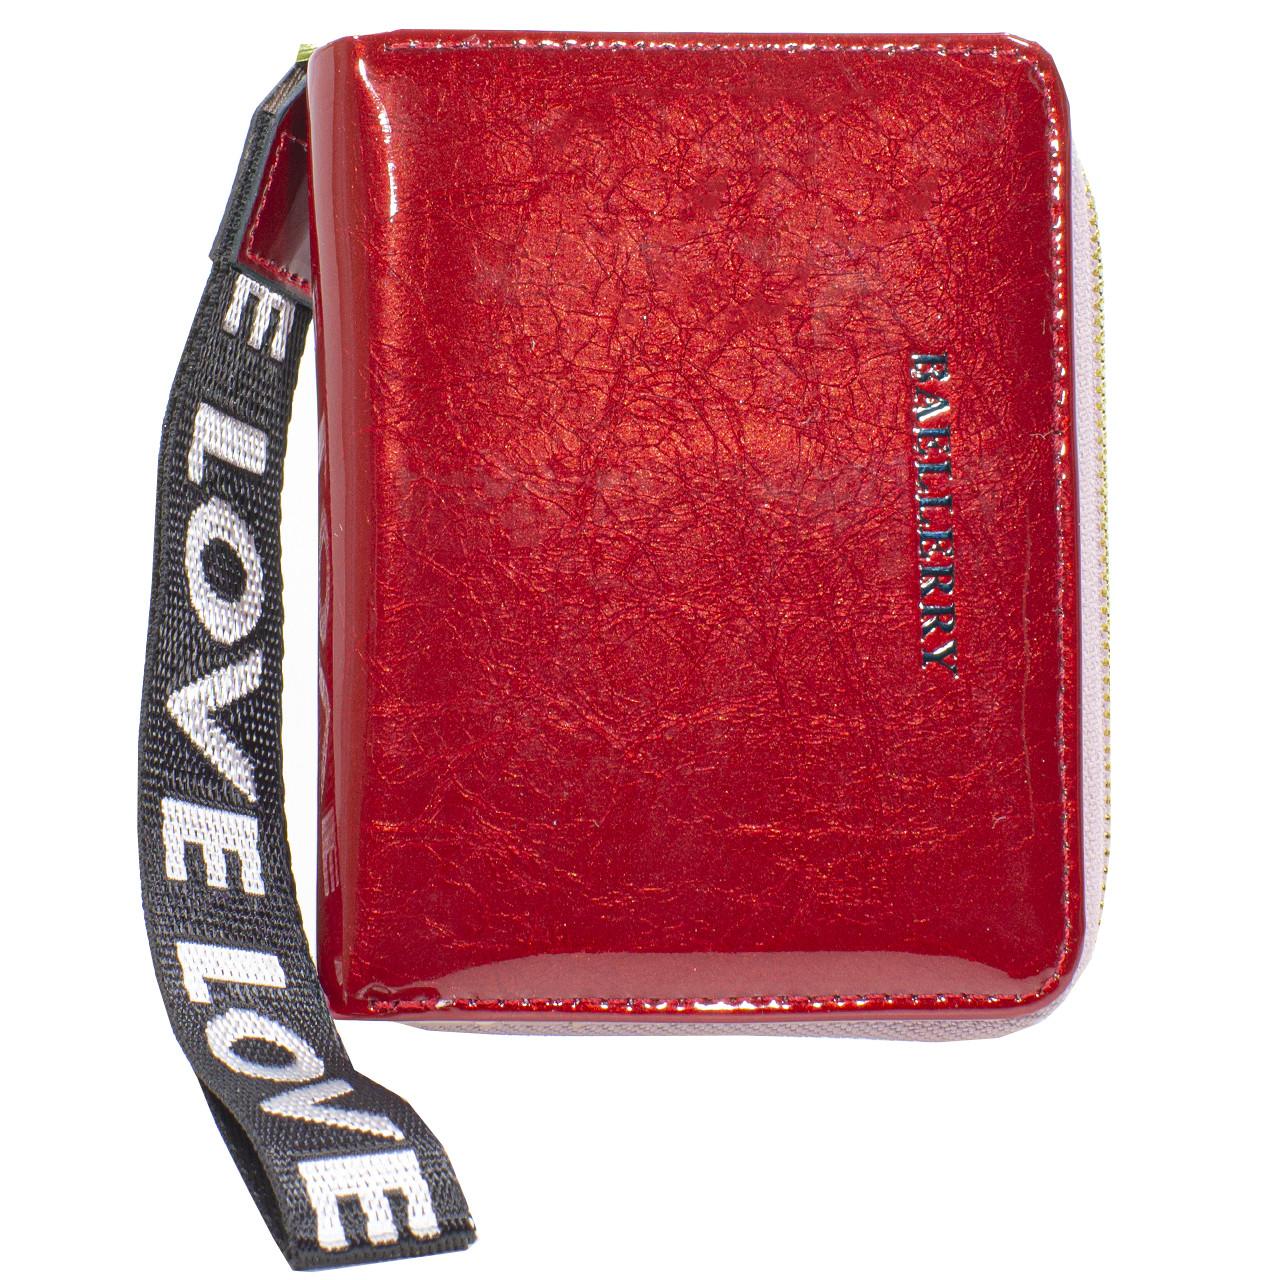 Женский кошелек Baellerry DR022 Red с ремешком (3544-10239)